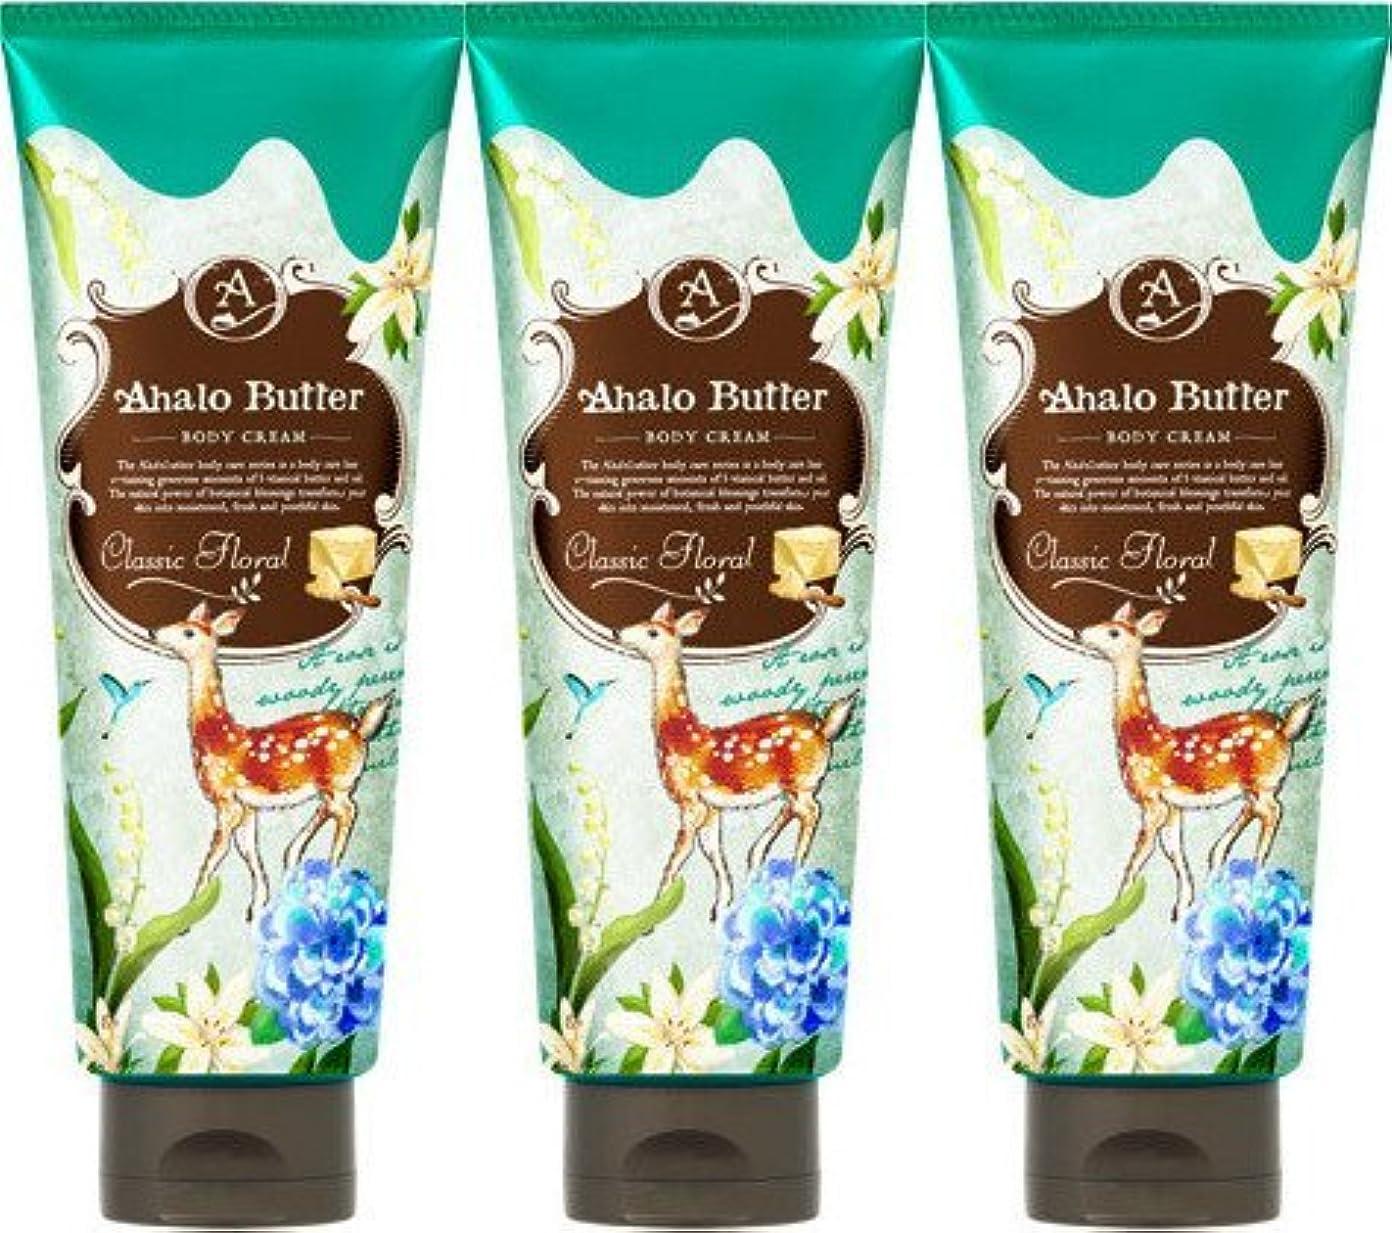 混合しかし茎【3個セット】Ahalo butter(アハロバター) ボディクリーム クラシックフローラル 150g